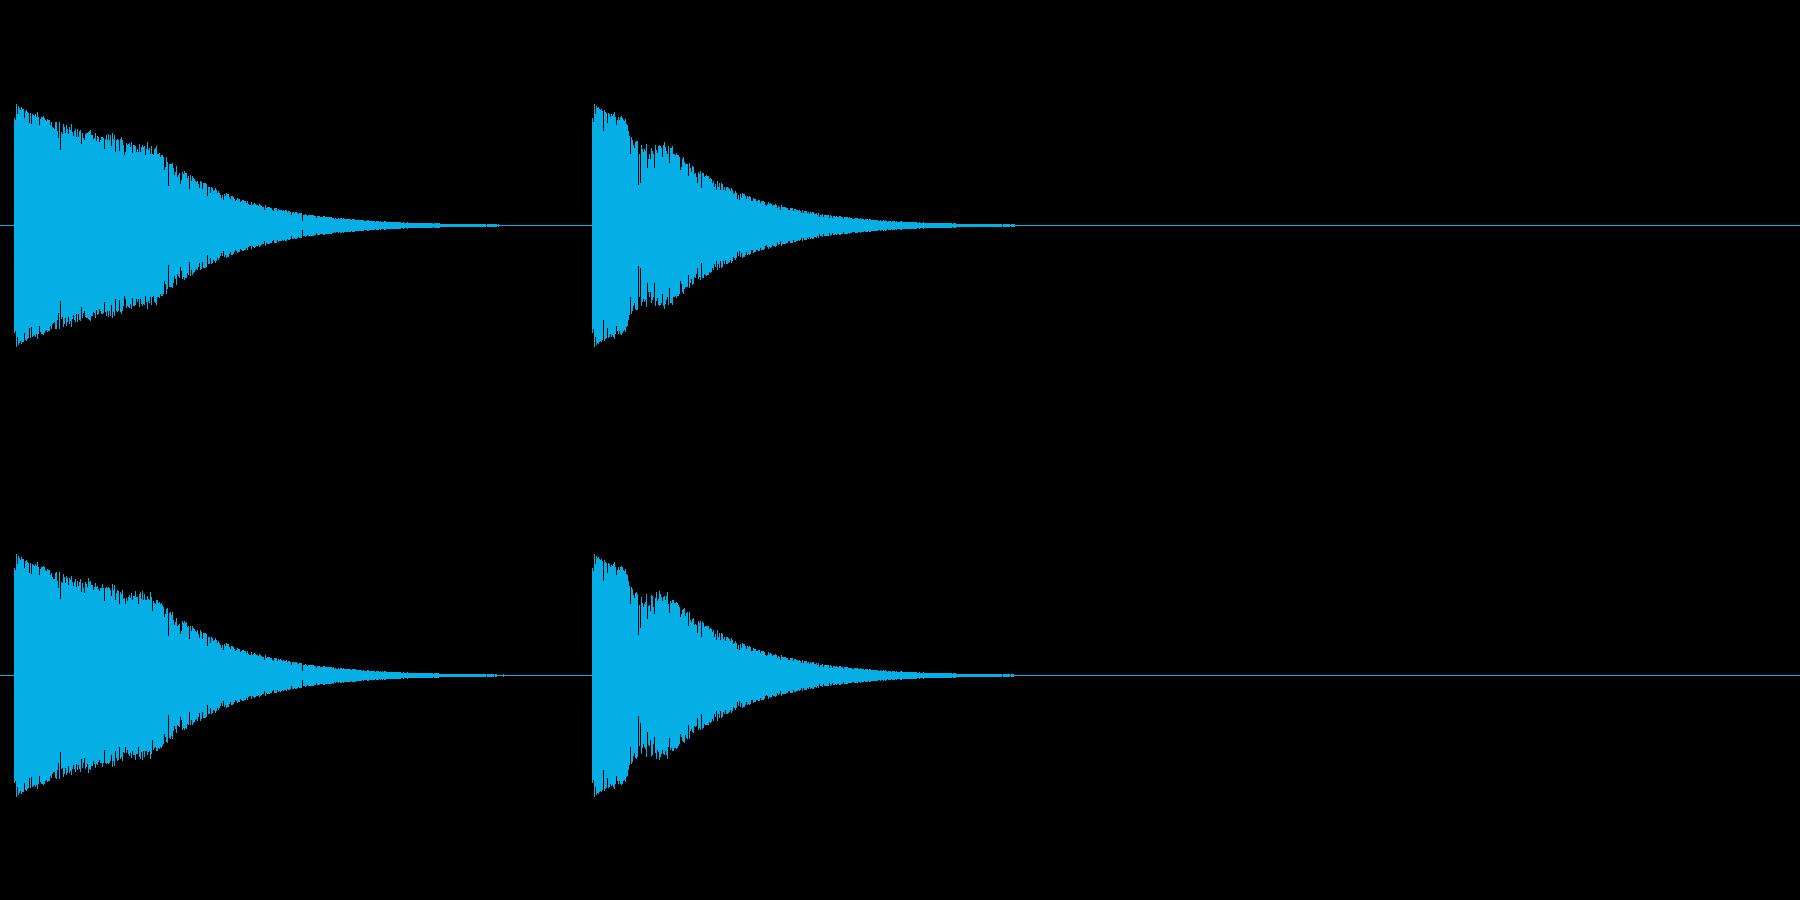 シューティング ショット音 プシュンの再生済みの波形